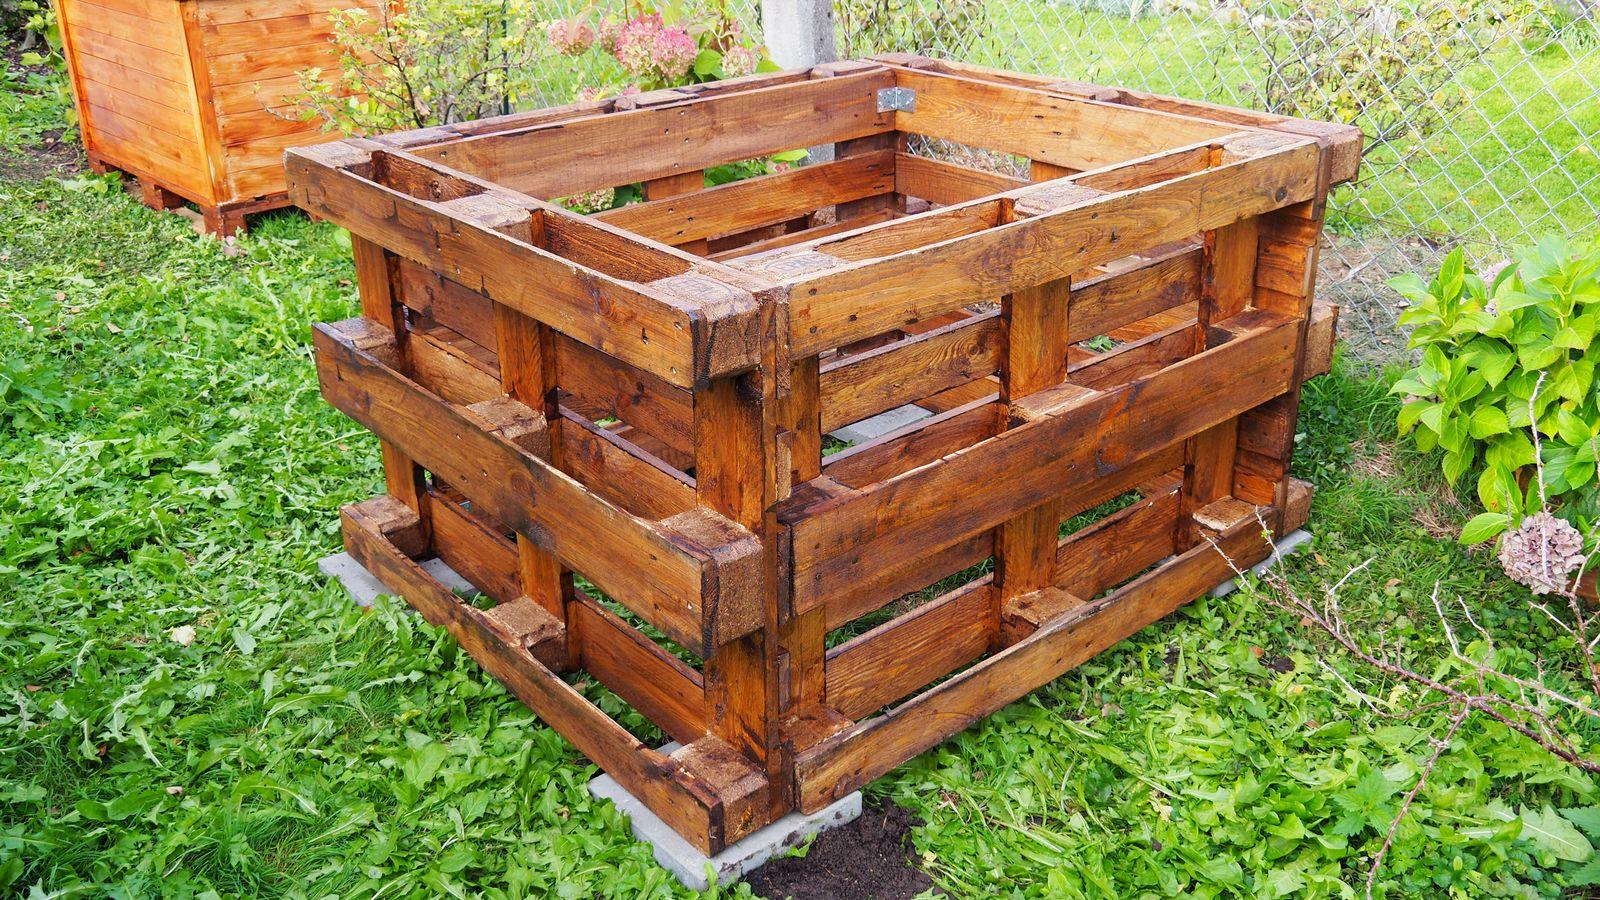 Hochbeet Bauen Anleitung Zum Selber Bauen Video Plantura